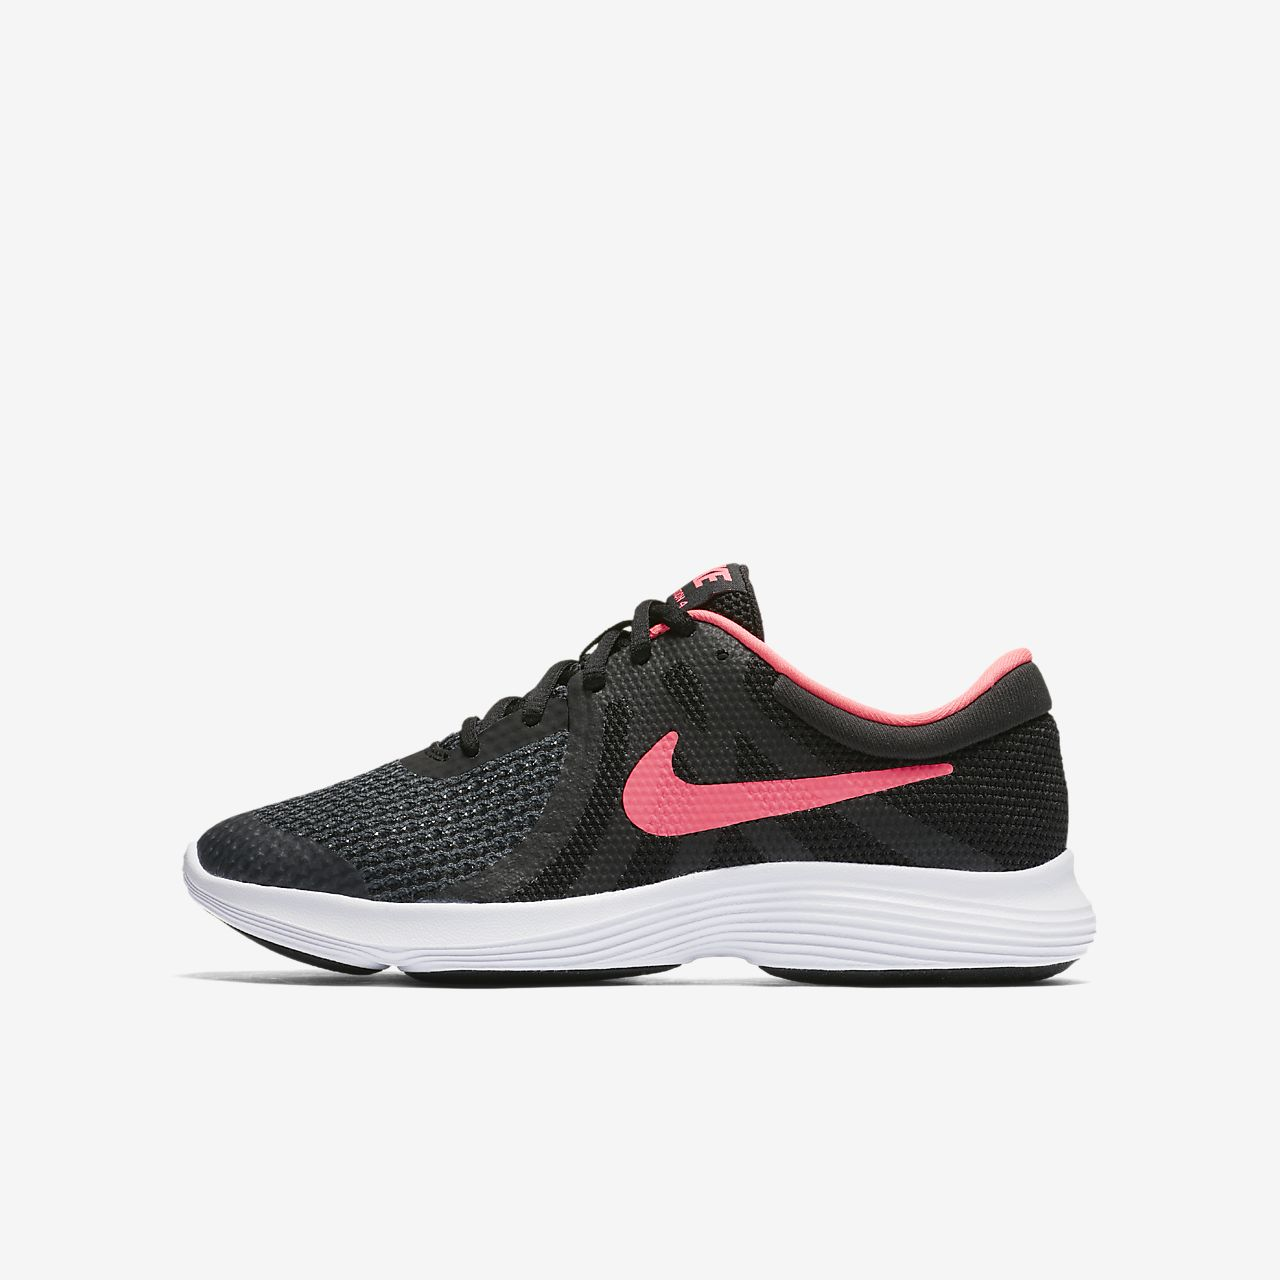 Löparsko Nike Revolution 4 för ungdom